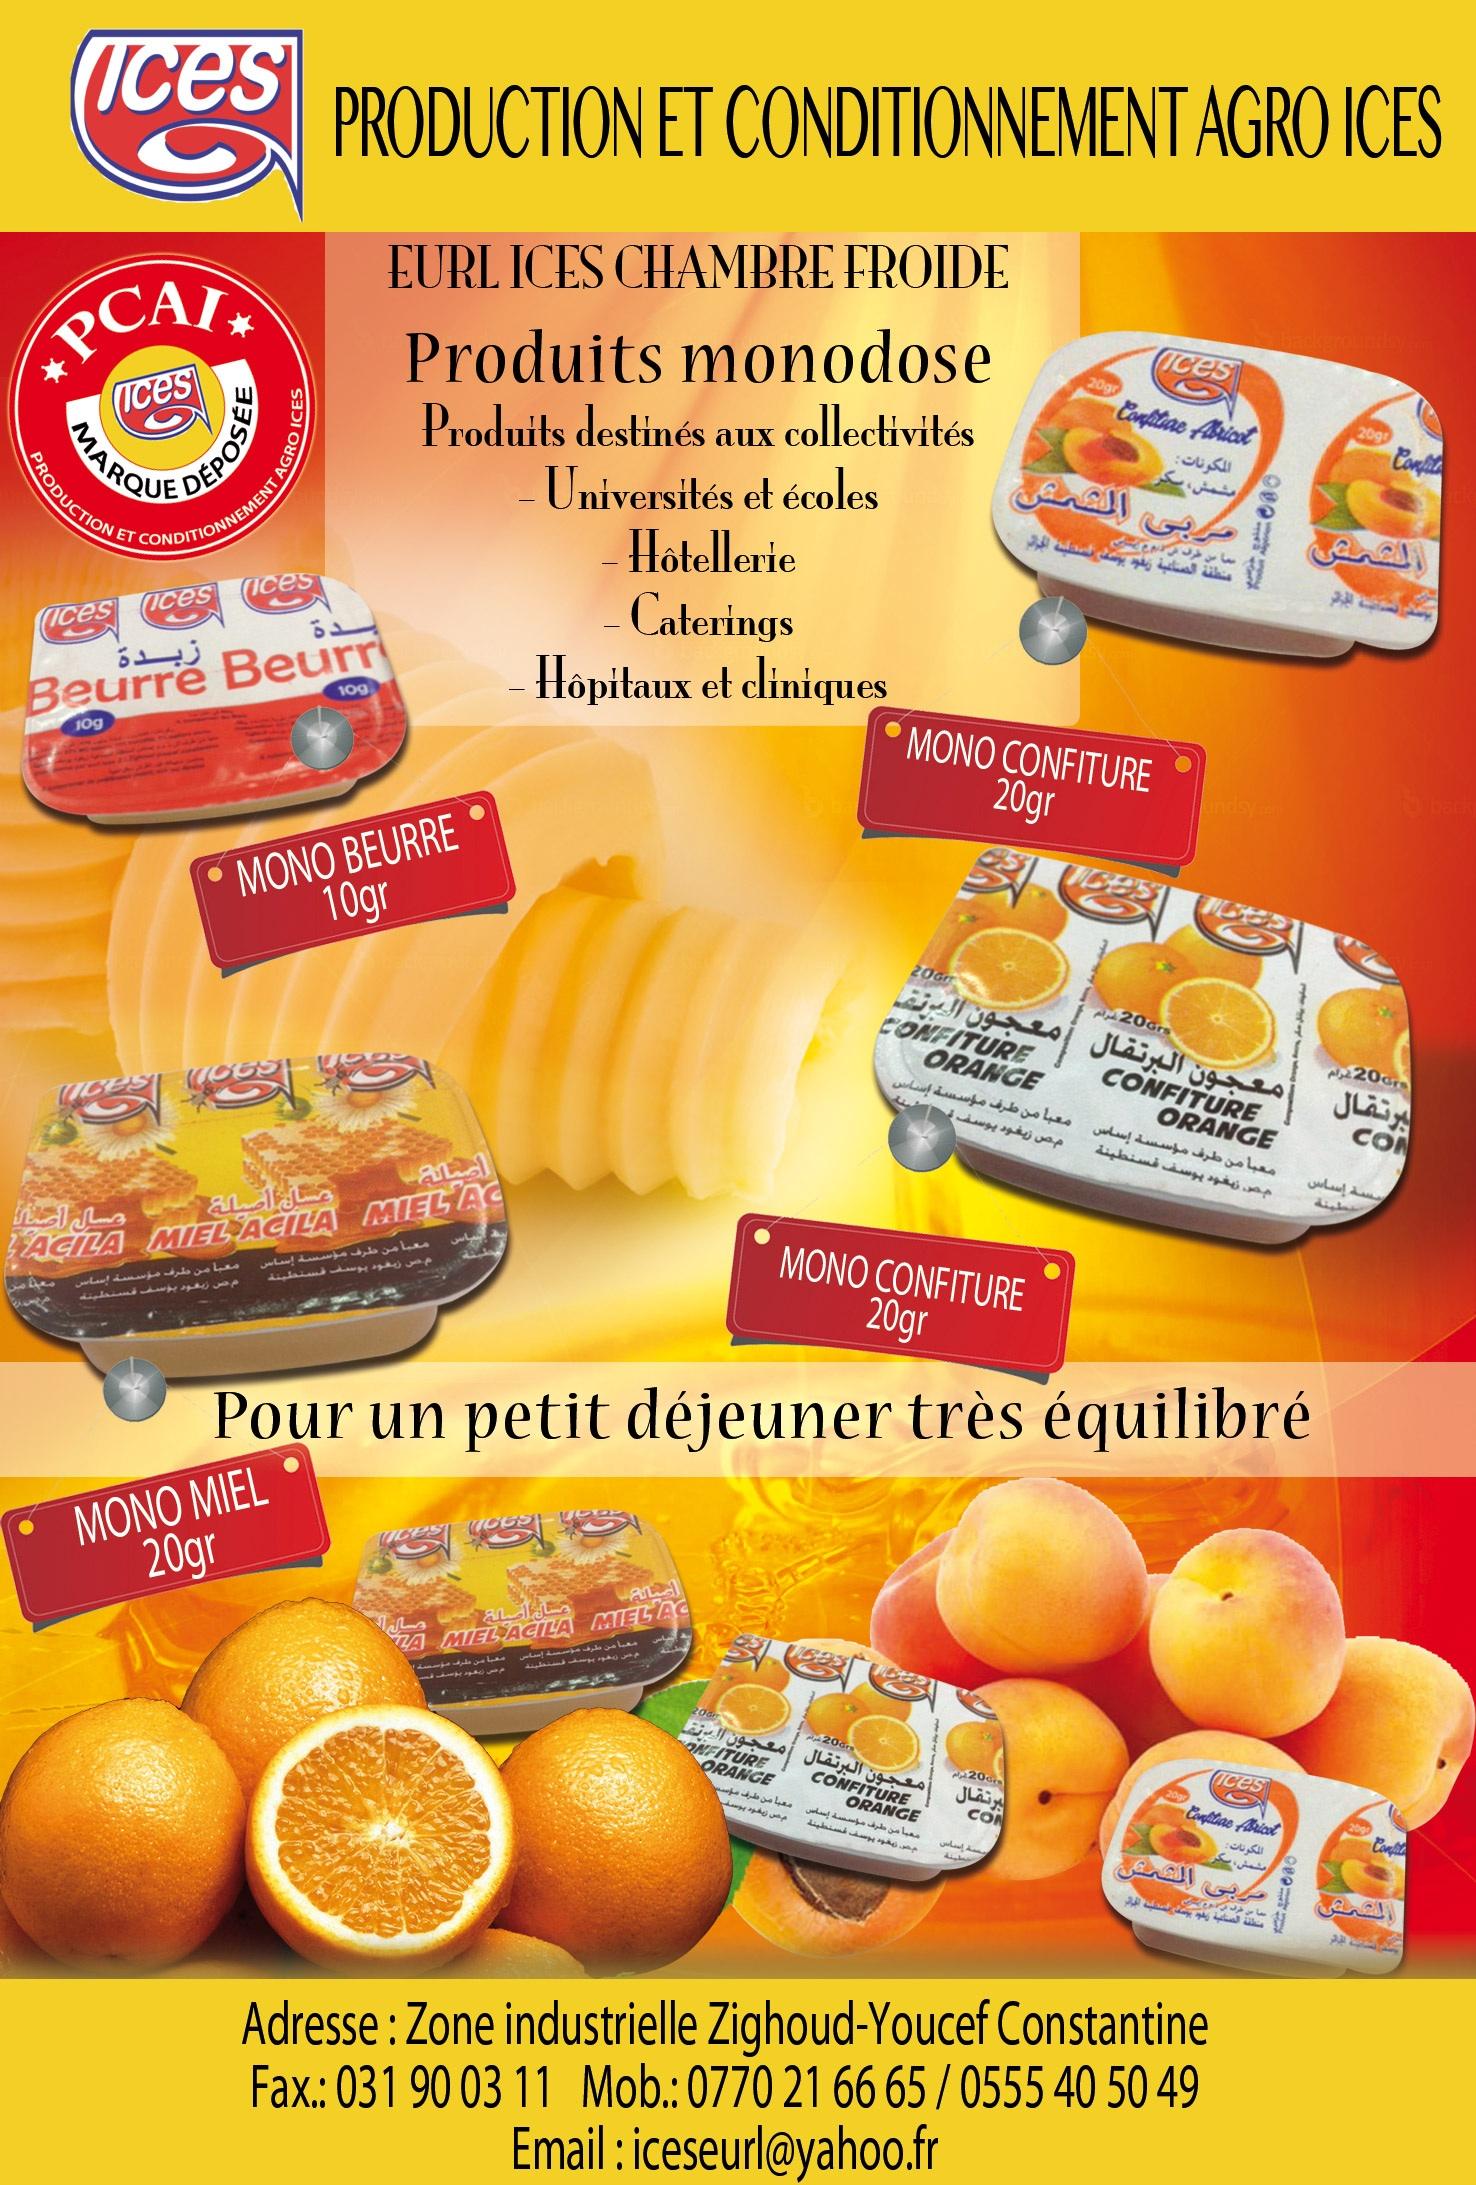 Beurre en 10 gr Confiture et autres